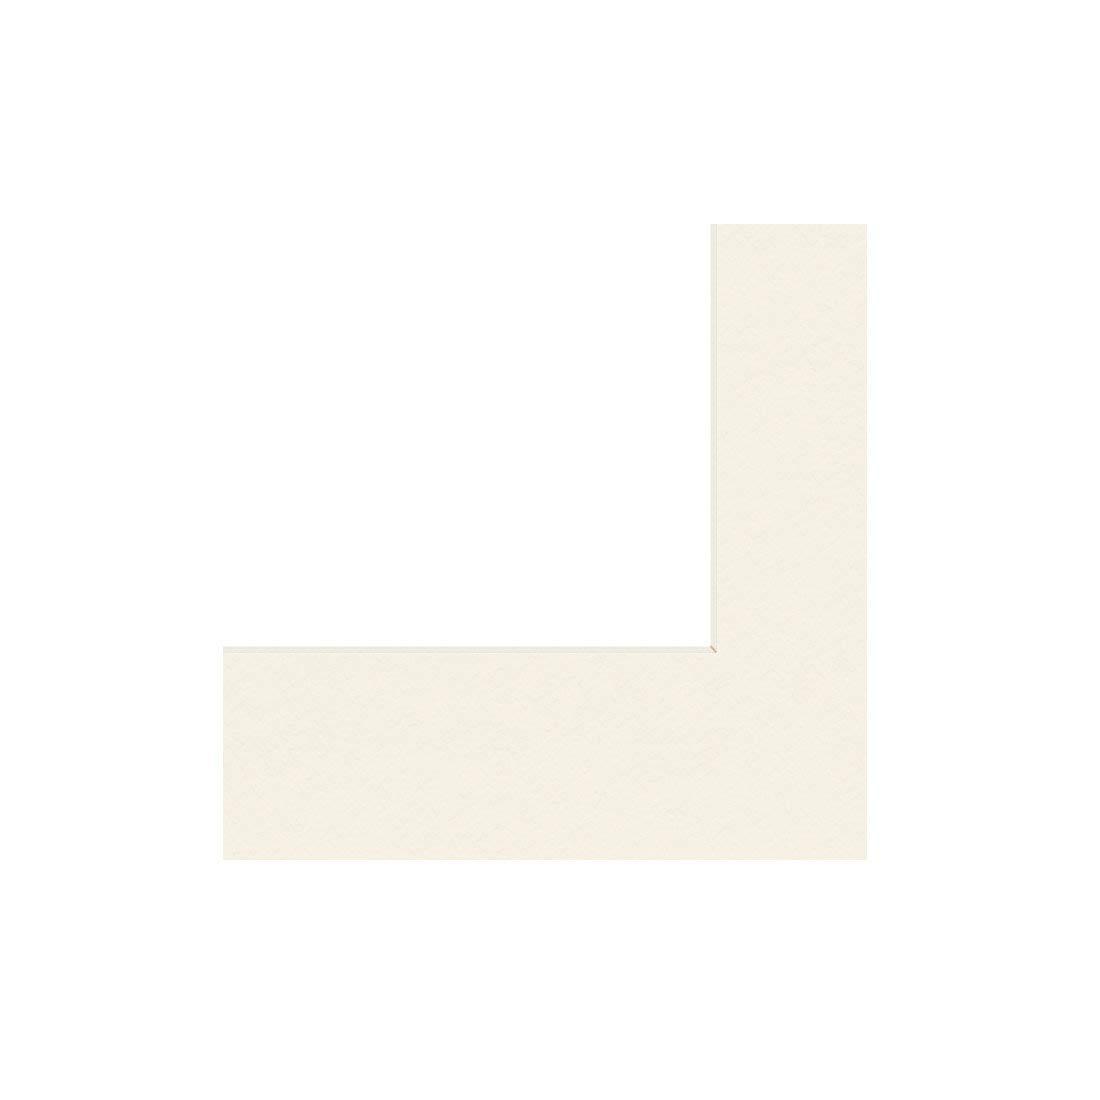 blanc neige Passe-partout Premium 30 x 40 num/érique 63232 Hama